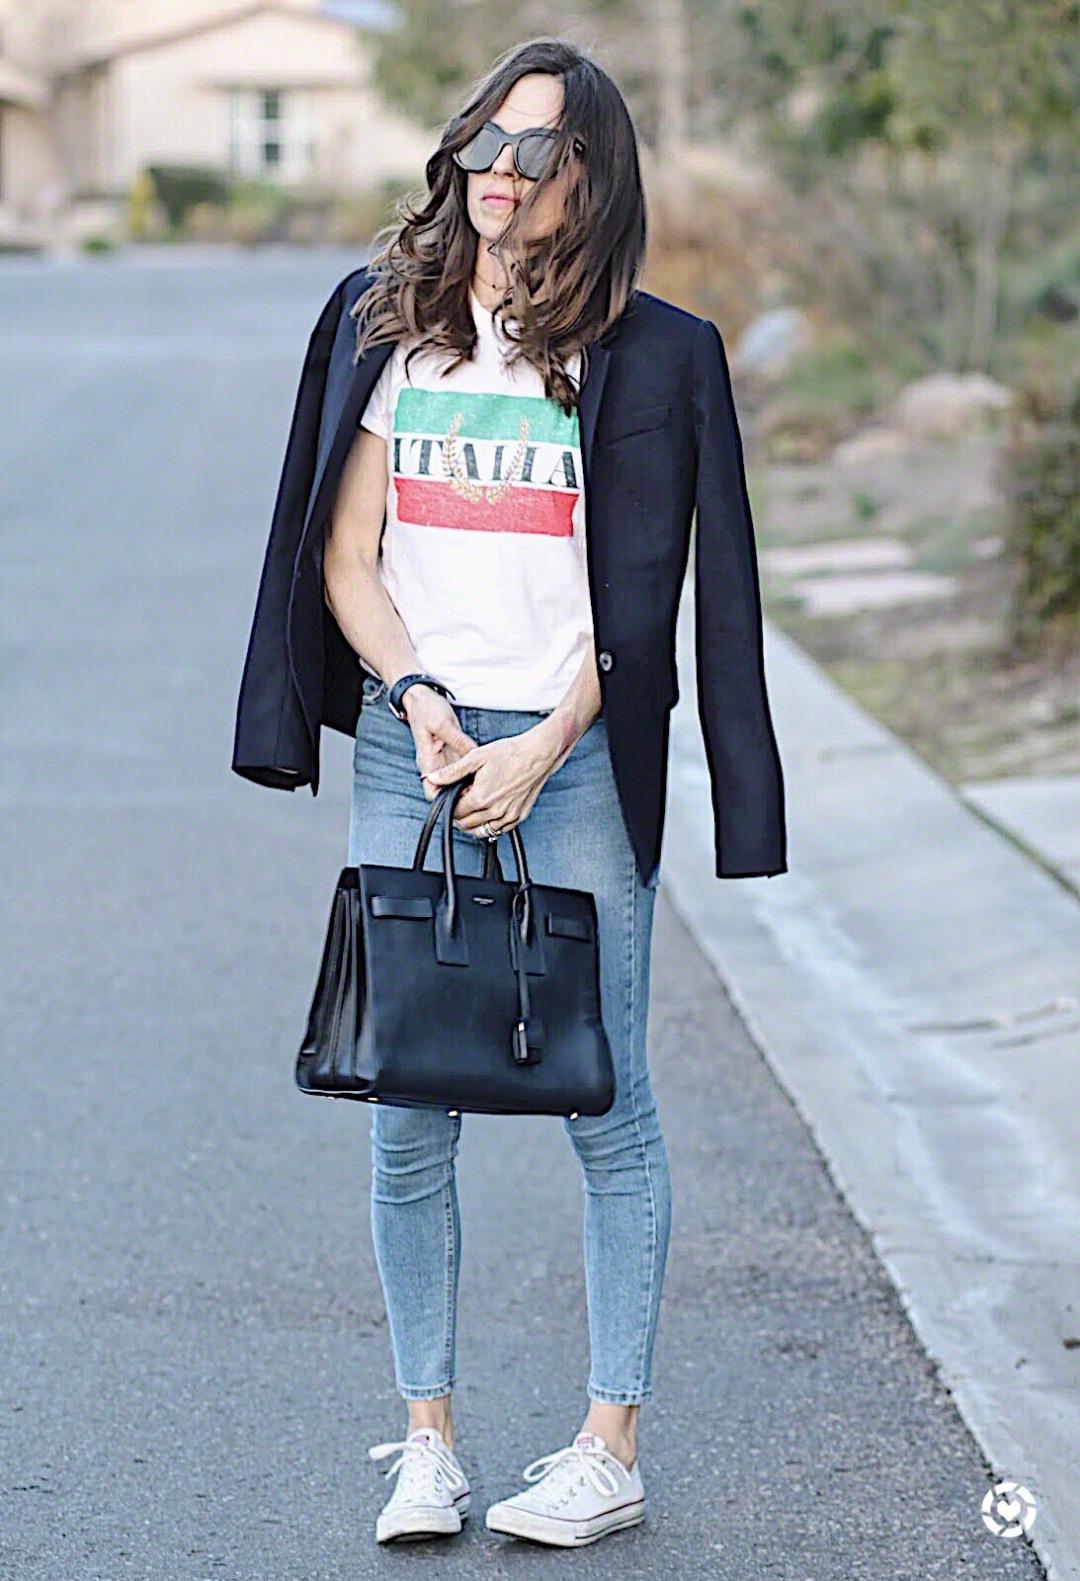 italia tee outfit